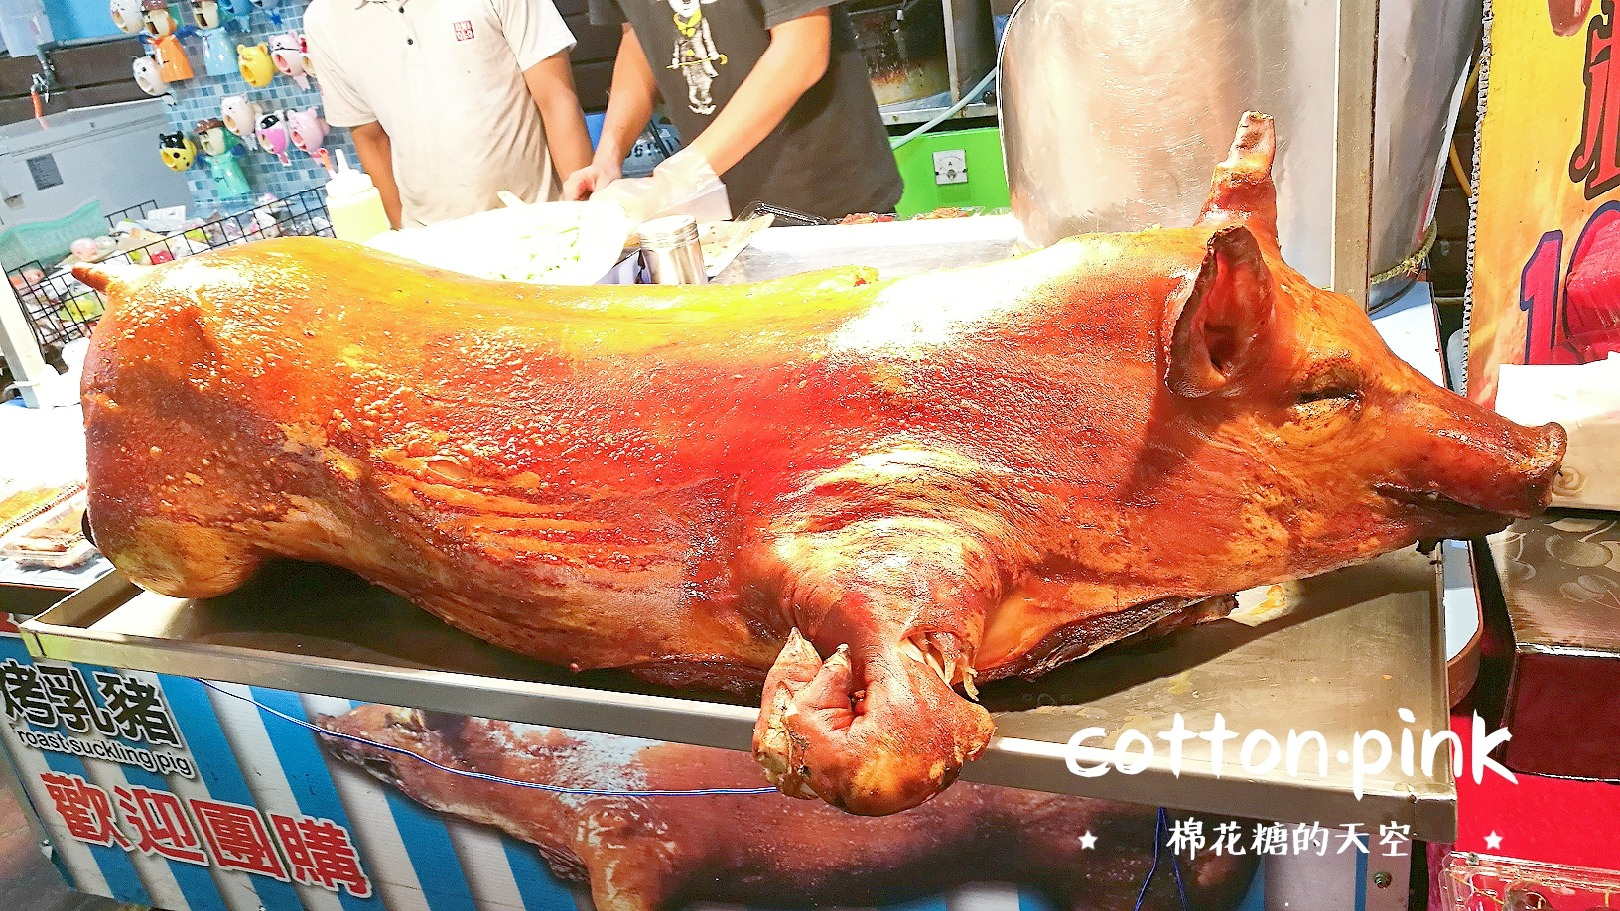 台中逢甲夜市有隻豬!金豬王烤乳豬捲餅裡面夾了豬屁屁?